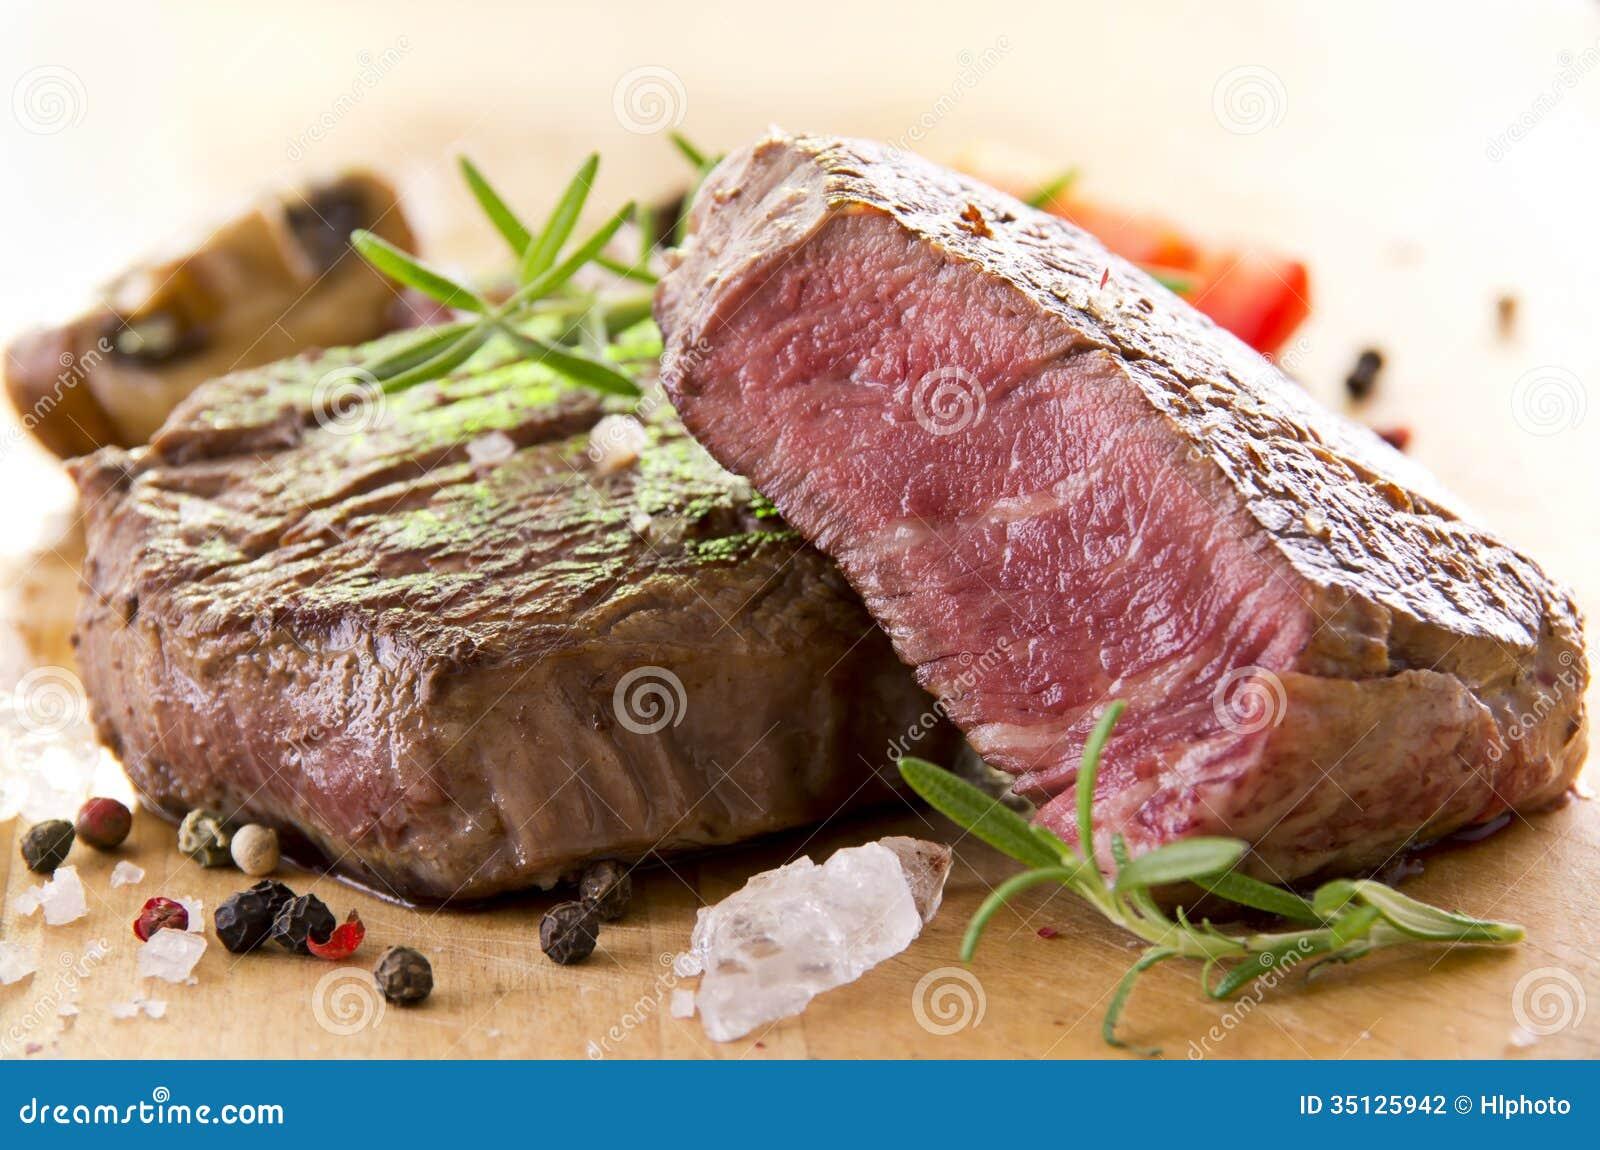 Different herbs royalty free stock image image 16265346 - Filete De Carne De Vaca Con Las Hierbas Fotograf A De Archivo